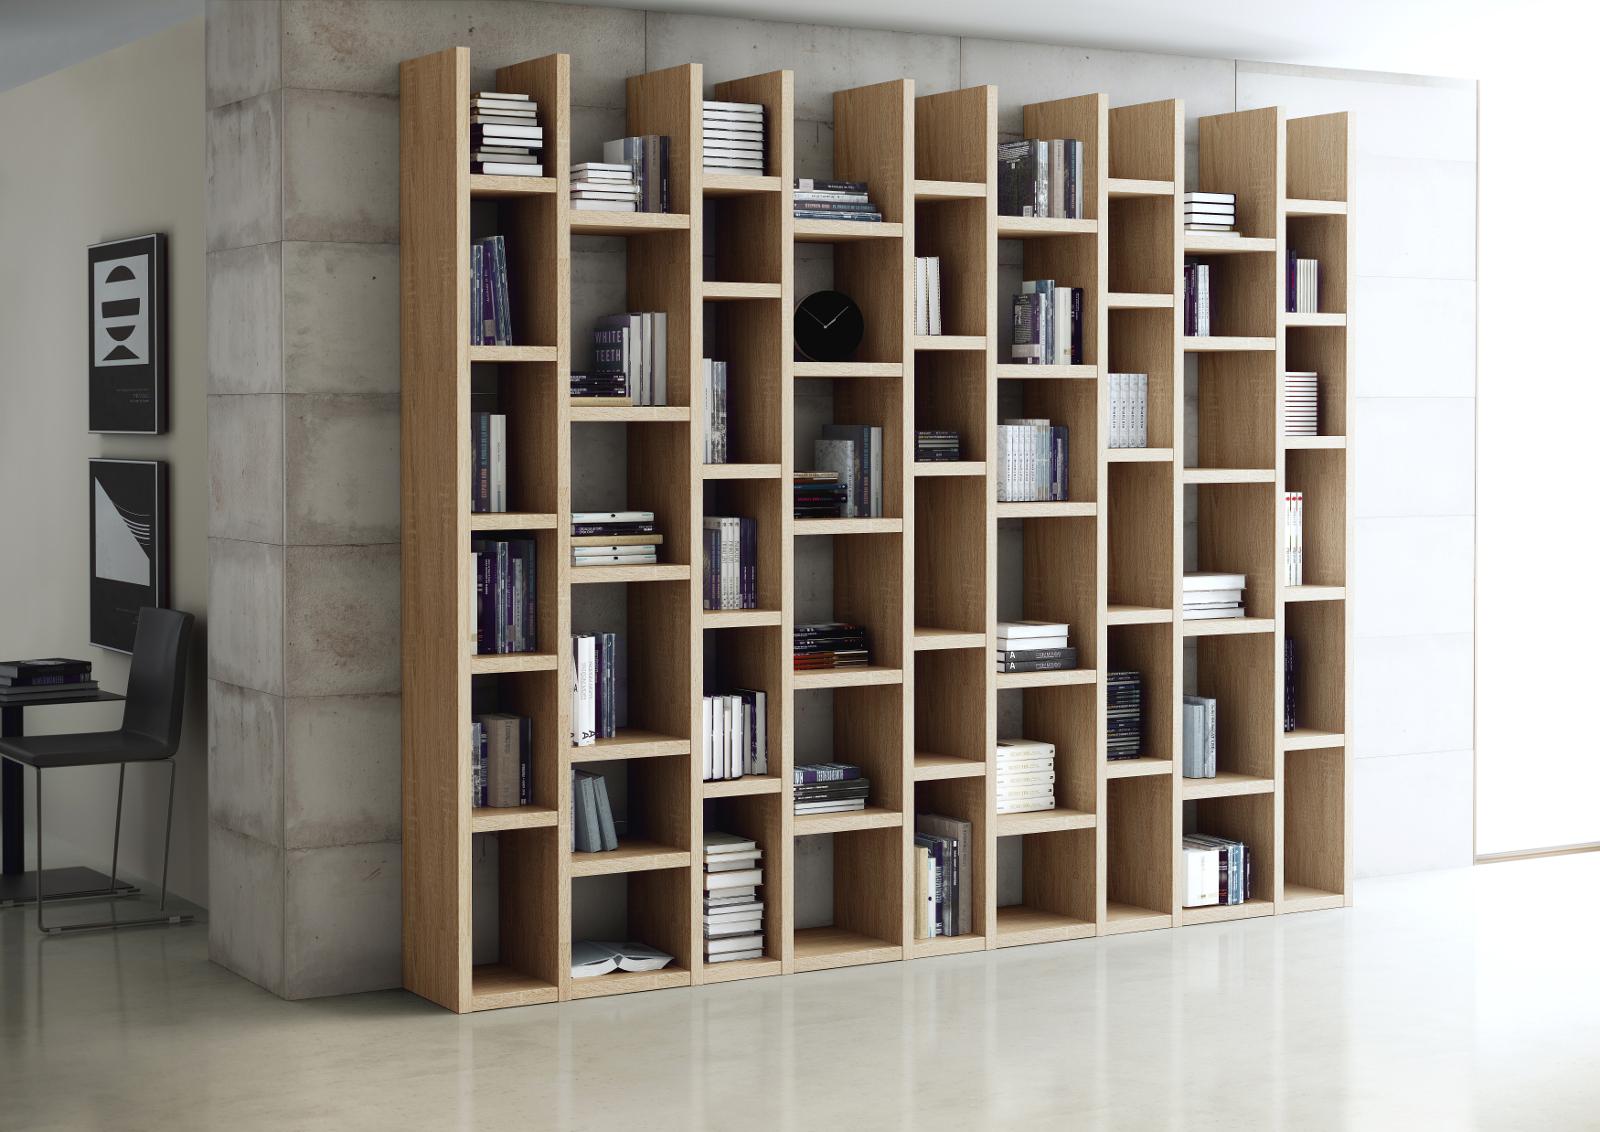 Bücherregal Schiebetür bücherwand bücherregal lack weiß hochglanz